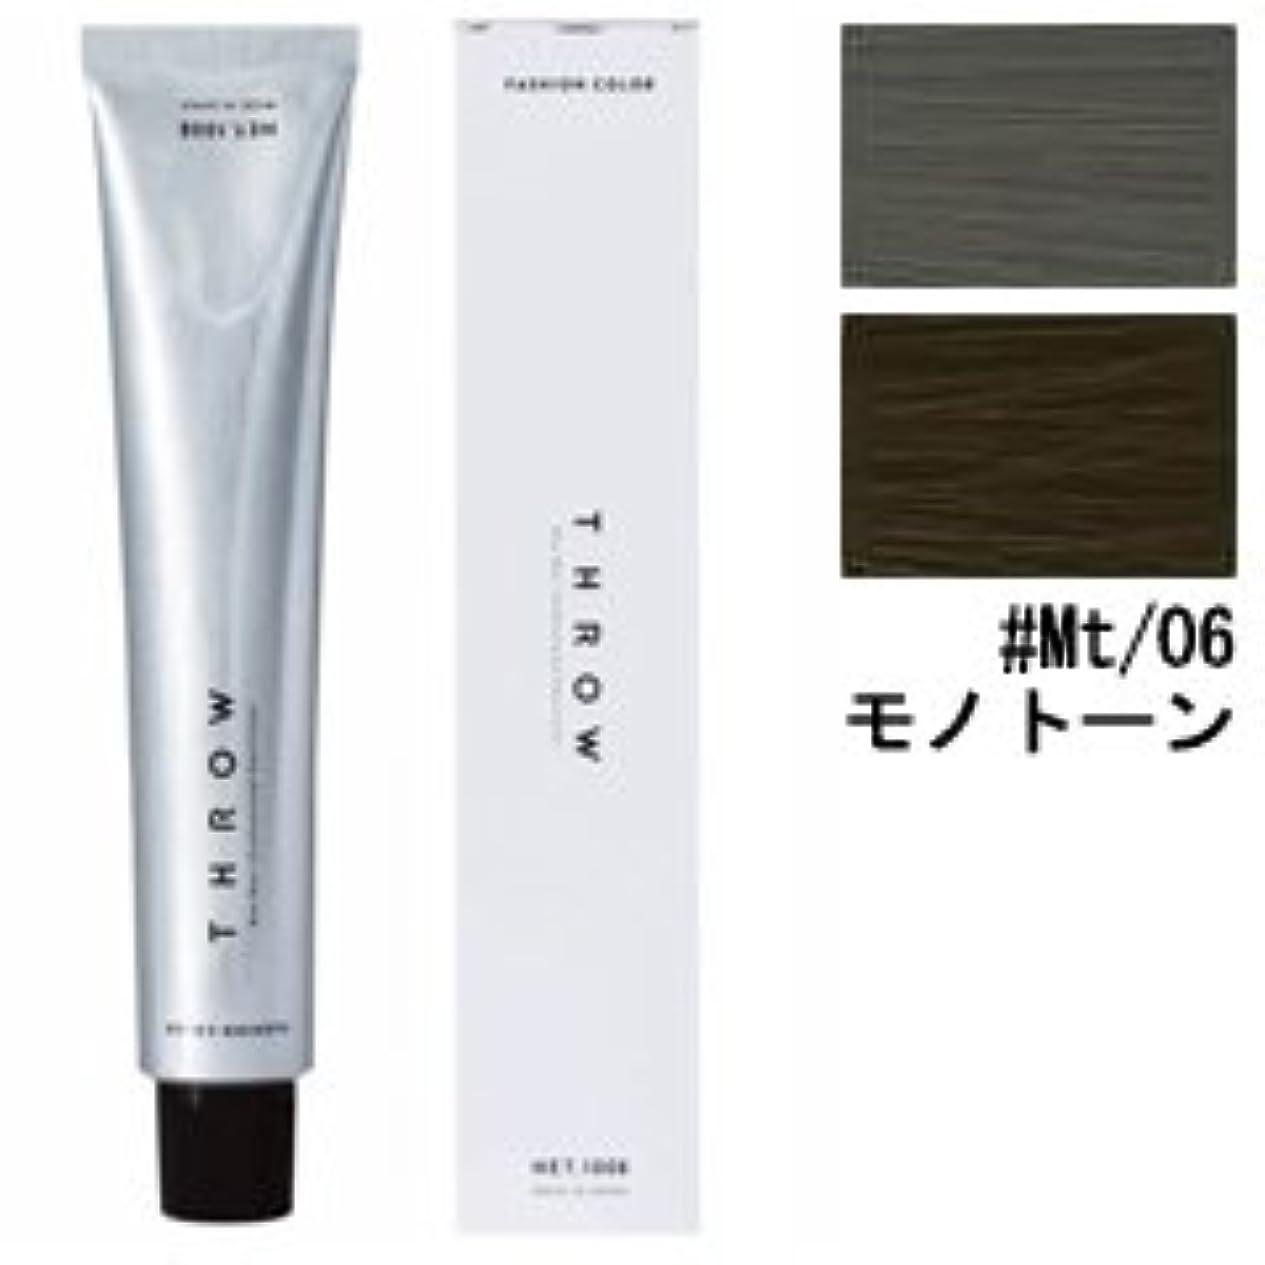 甘い誓うお気に入り【モルトベーネ】スロウ ファッションカラー #Mt/06 モノトーン 100g